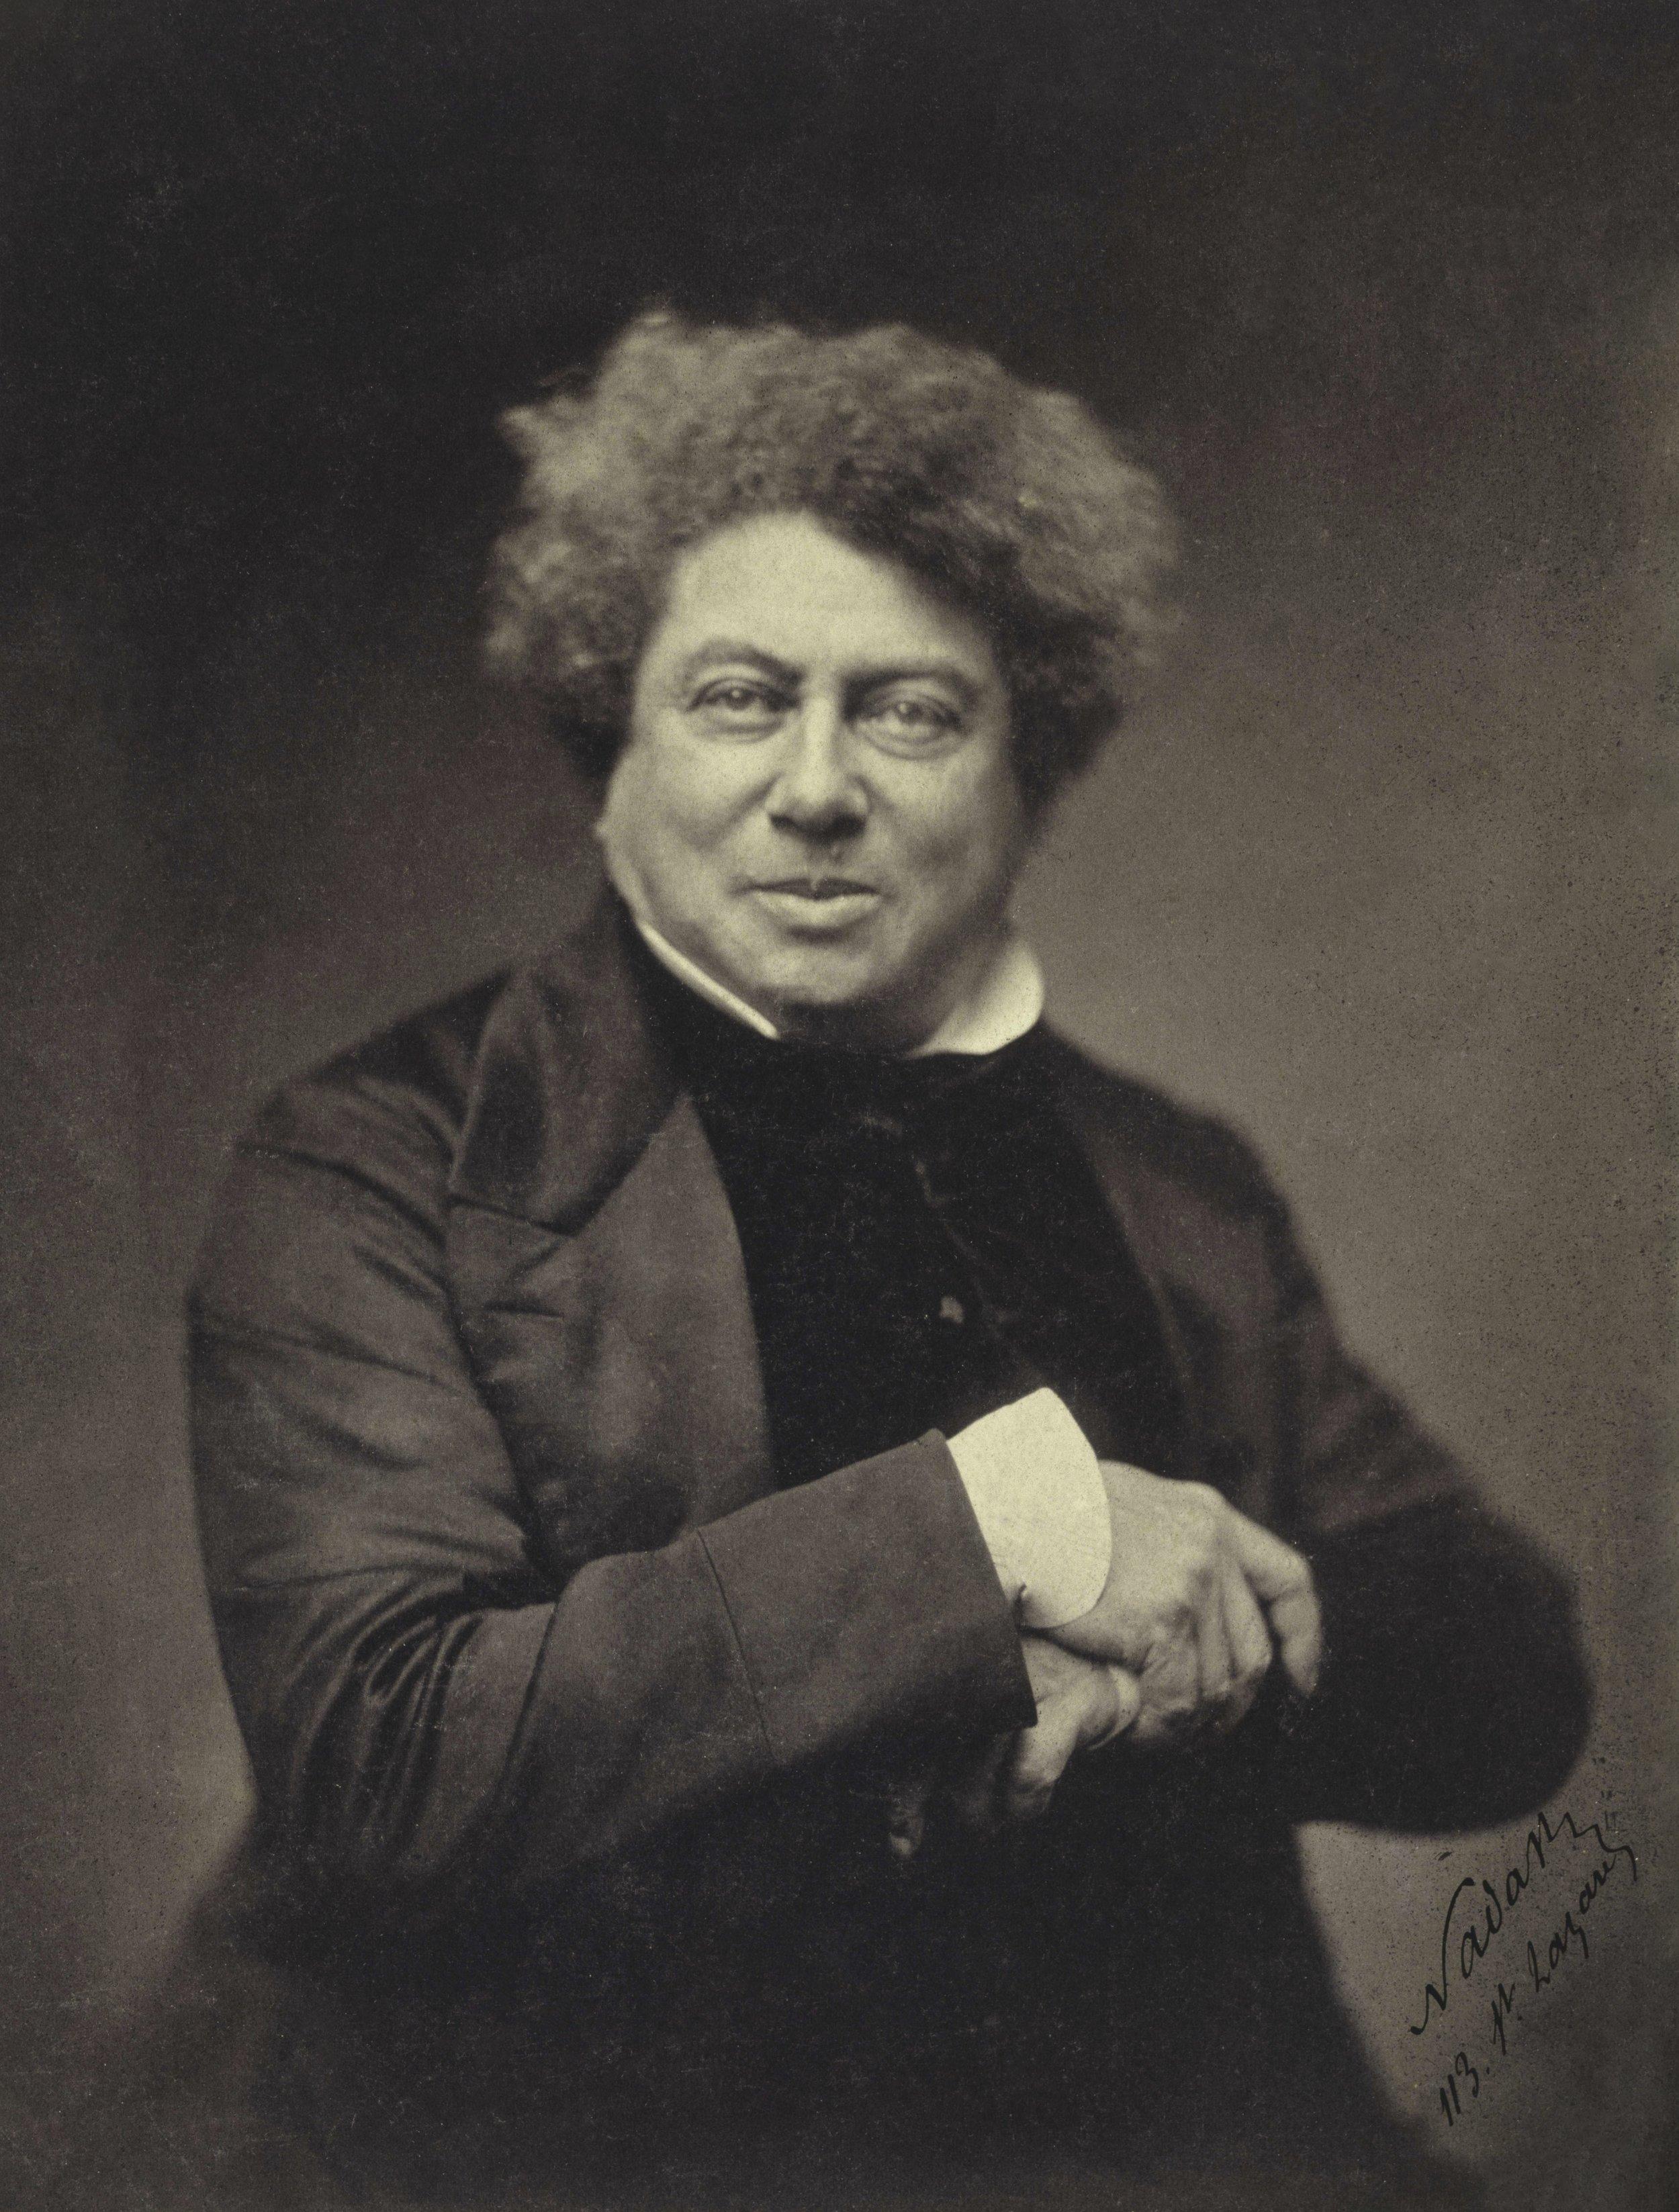 Alexander Dumas by Nadar, ca. 1855